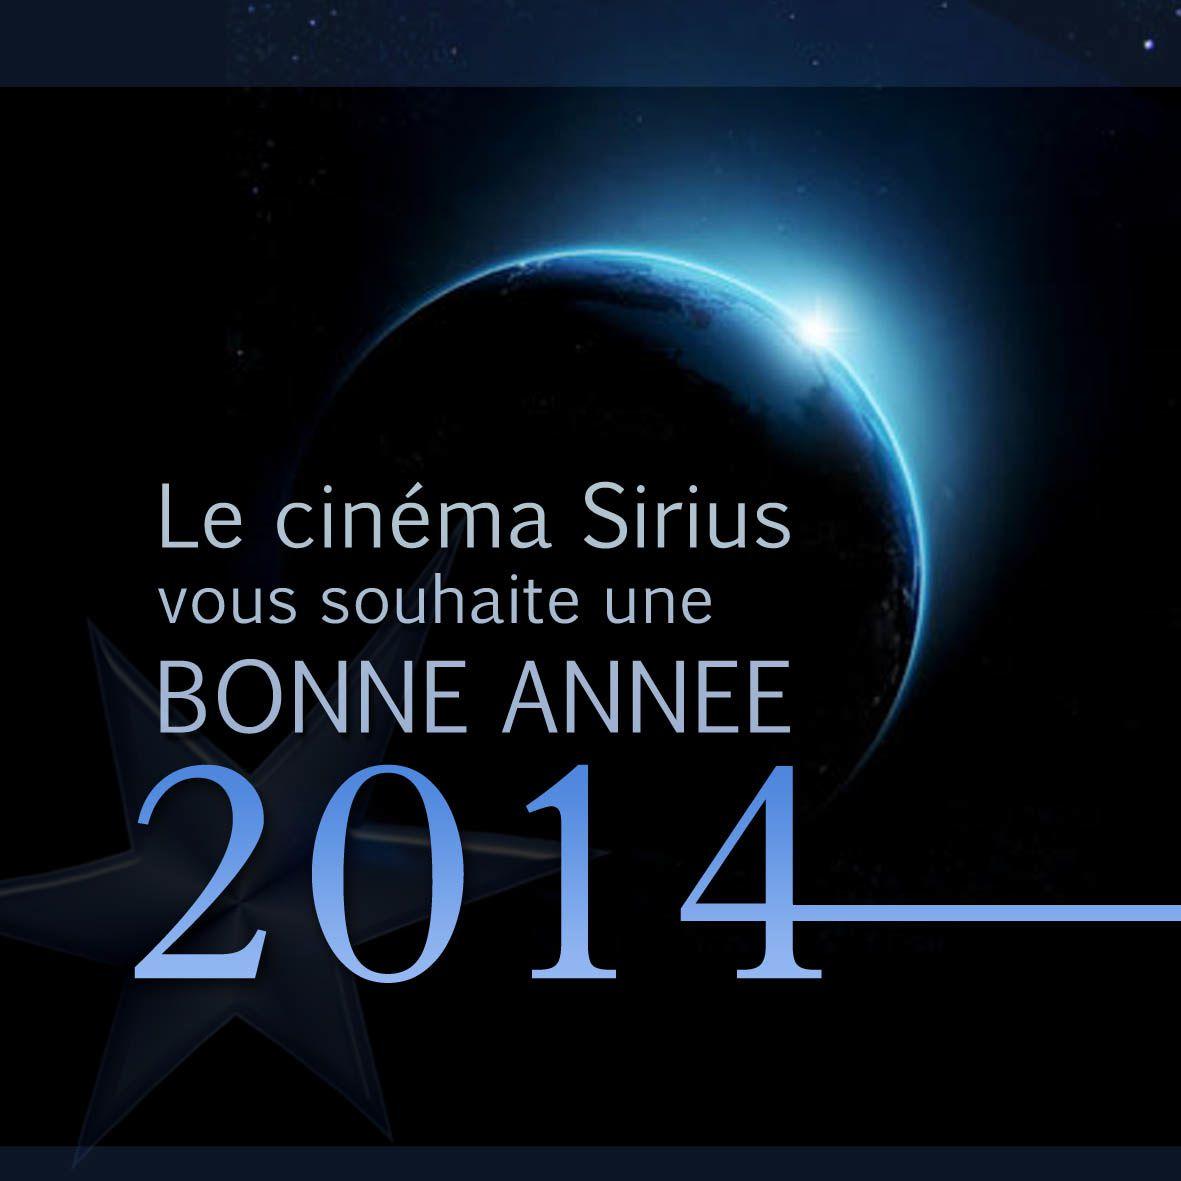 Programme cinéma Sirius du 1 au 7 Janvier 2014